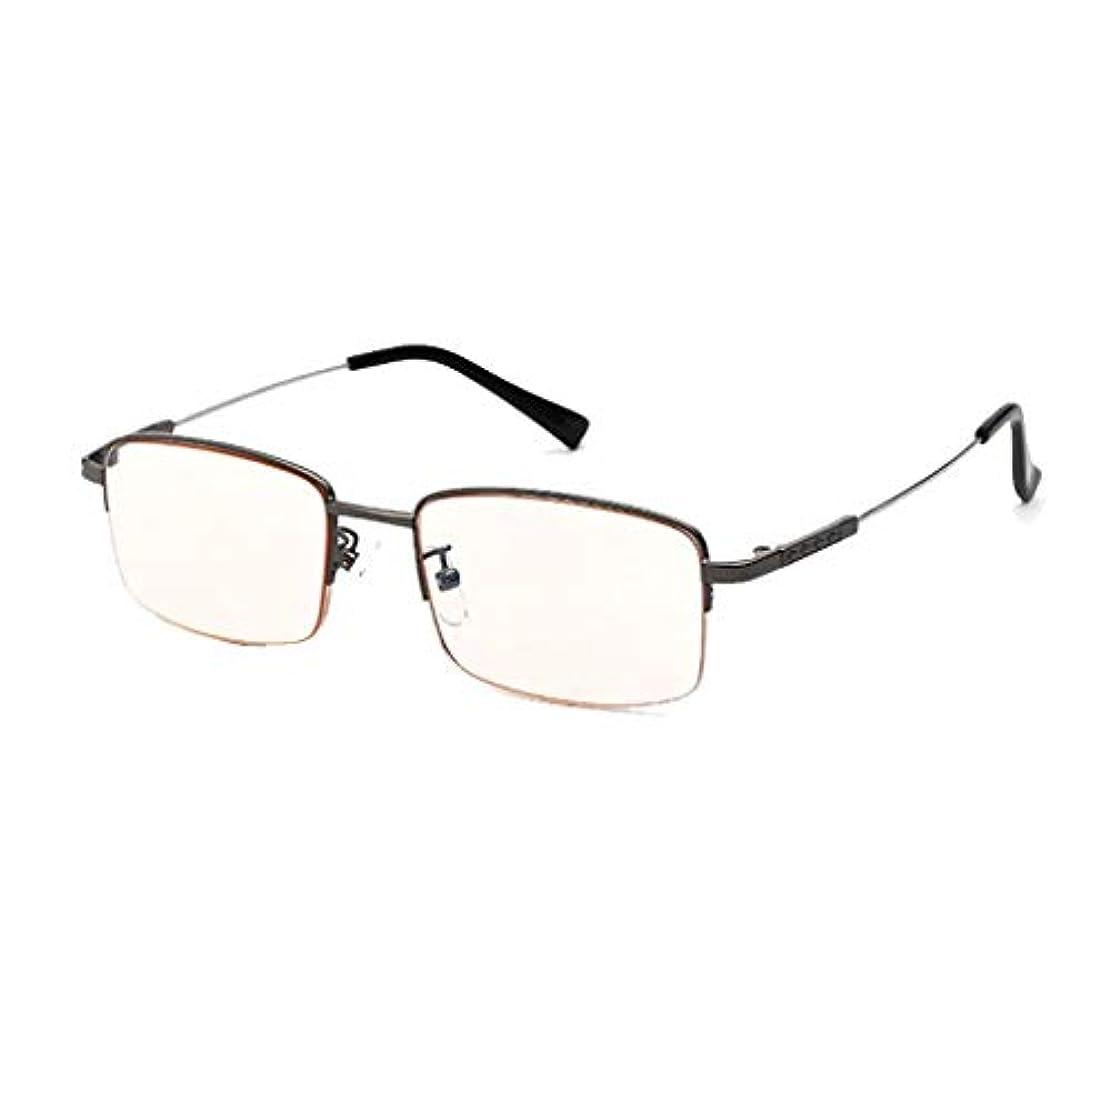 放射線防護ブルーレイコンピュータ、老眼鏡、超軽量老眼鏡メンズブラウンレンズ(シルバー、ゴールド、グレー)